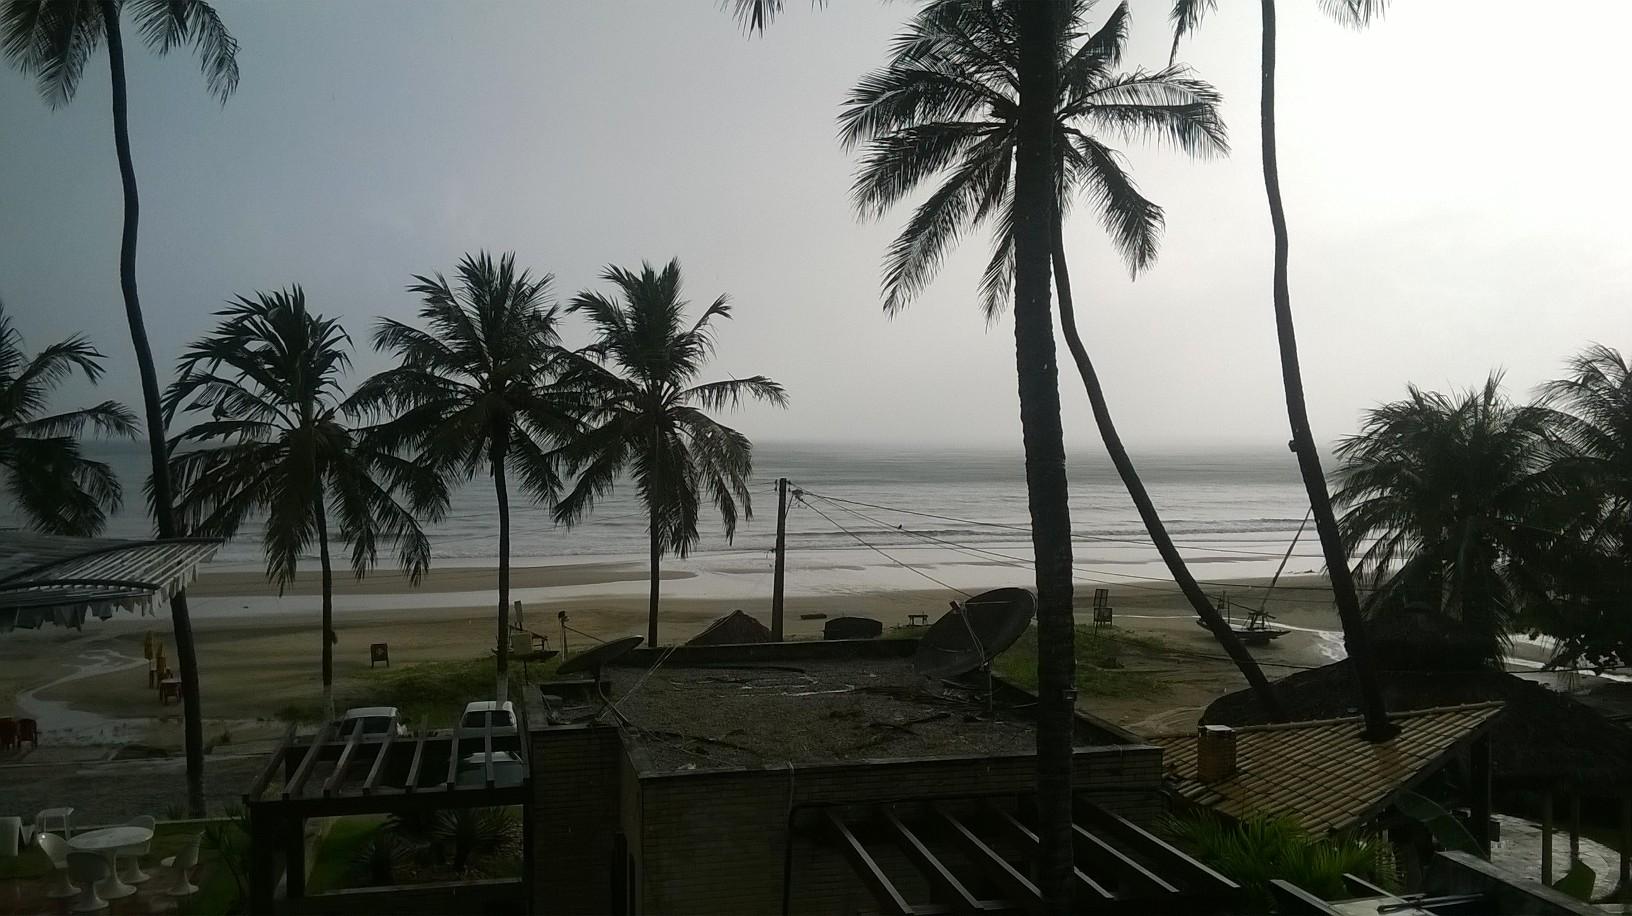 praia-da-lagoinha-beach-front-hotel-vivamar-may16